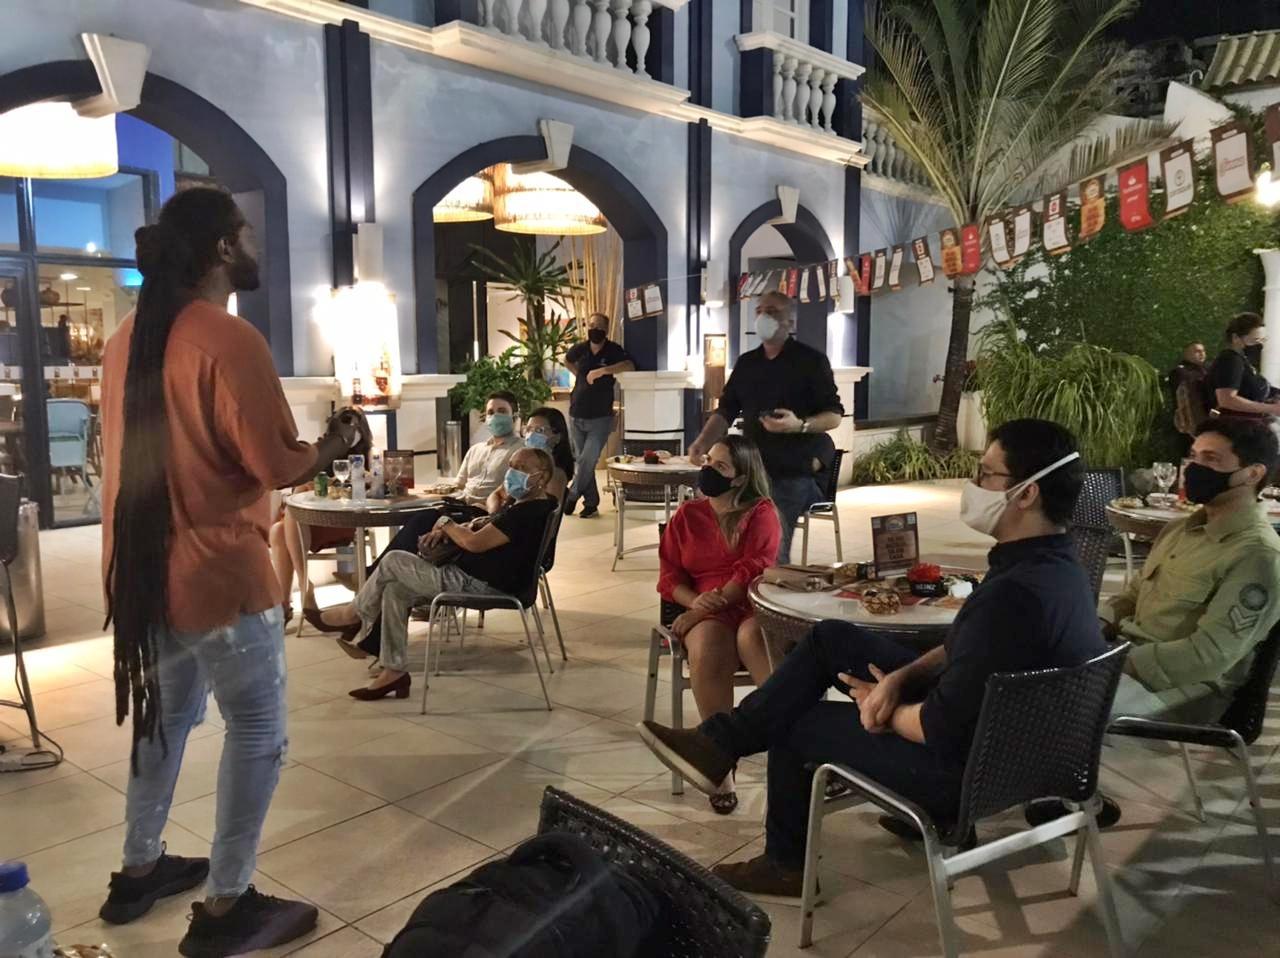 Hotel Sonata de Iracema serve de cenário para o lançamento do Concurso Comida di Buteco 2021